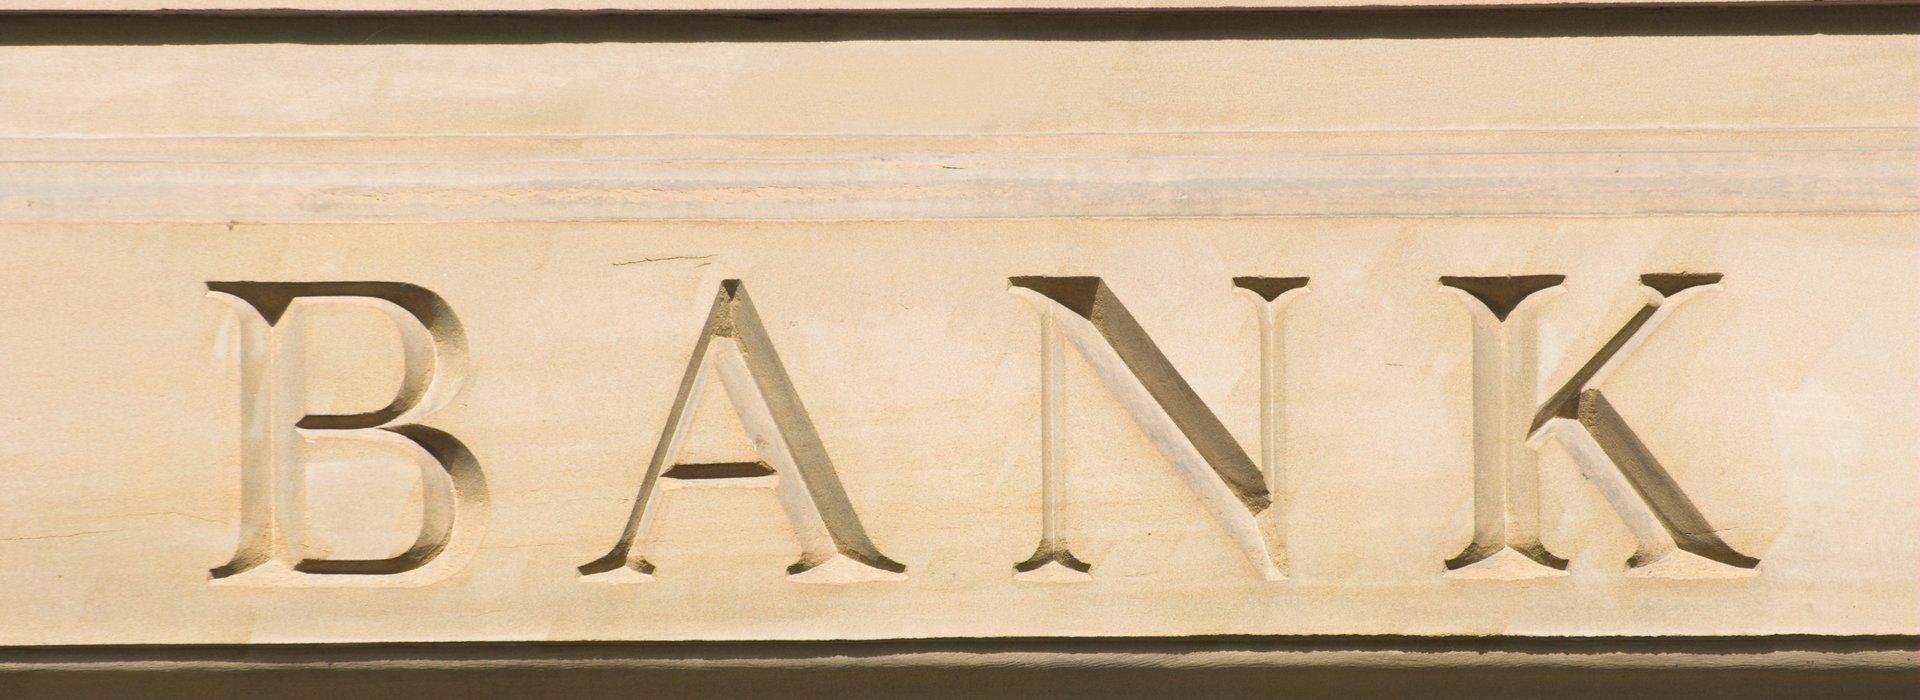 Budapesti Bankok – Banki Szolgáltatások Budapesten